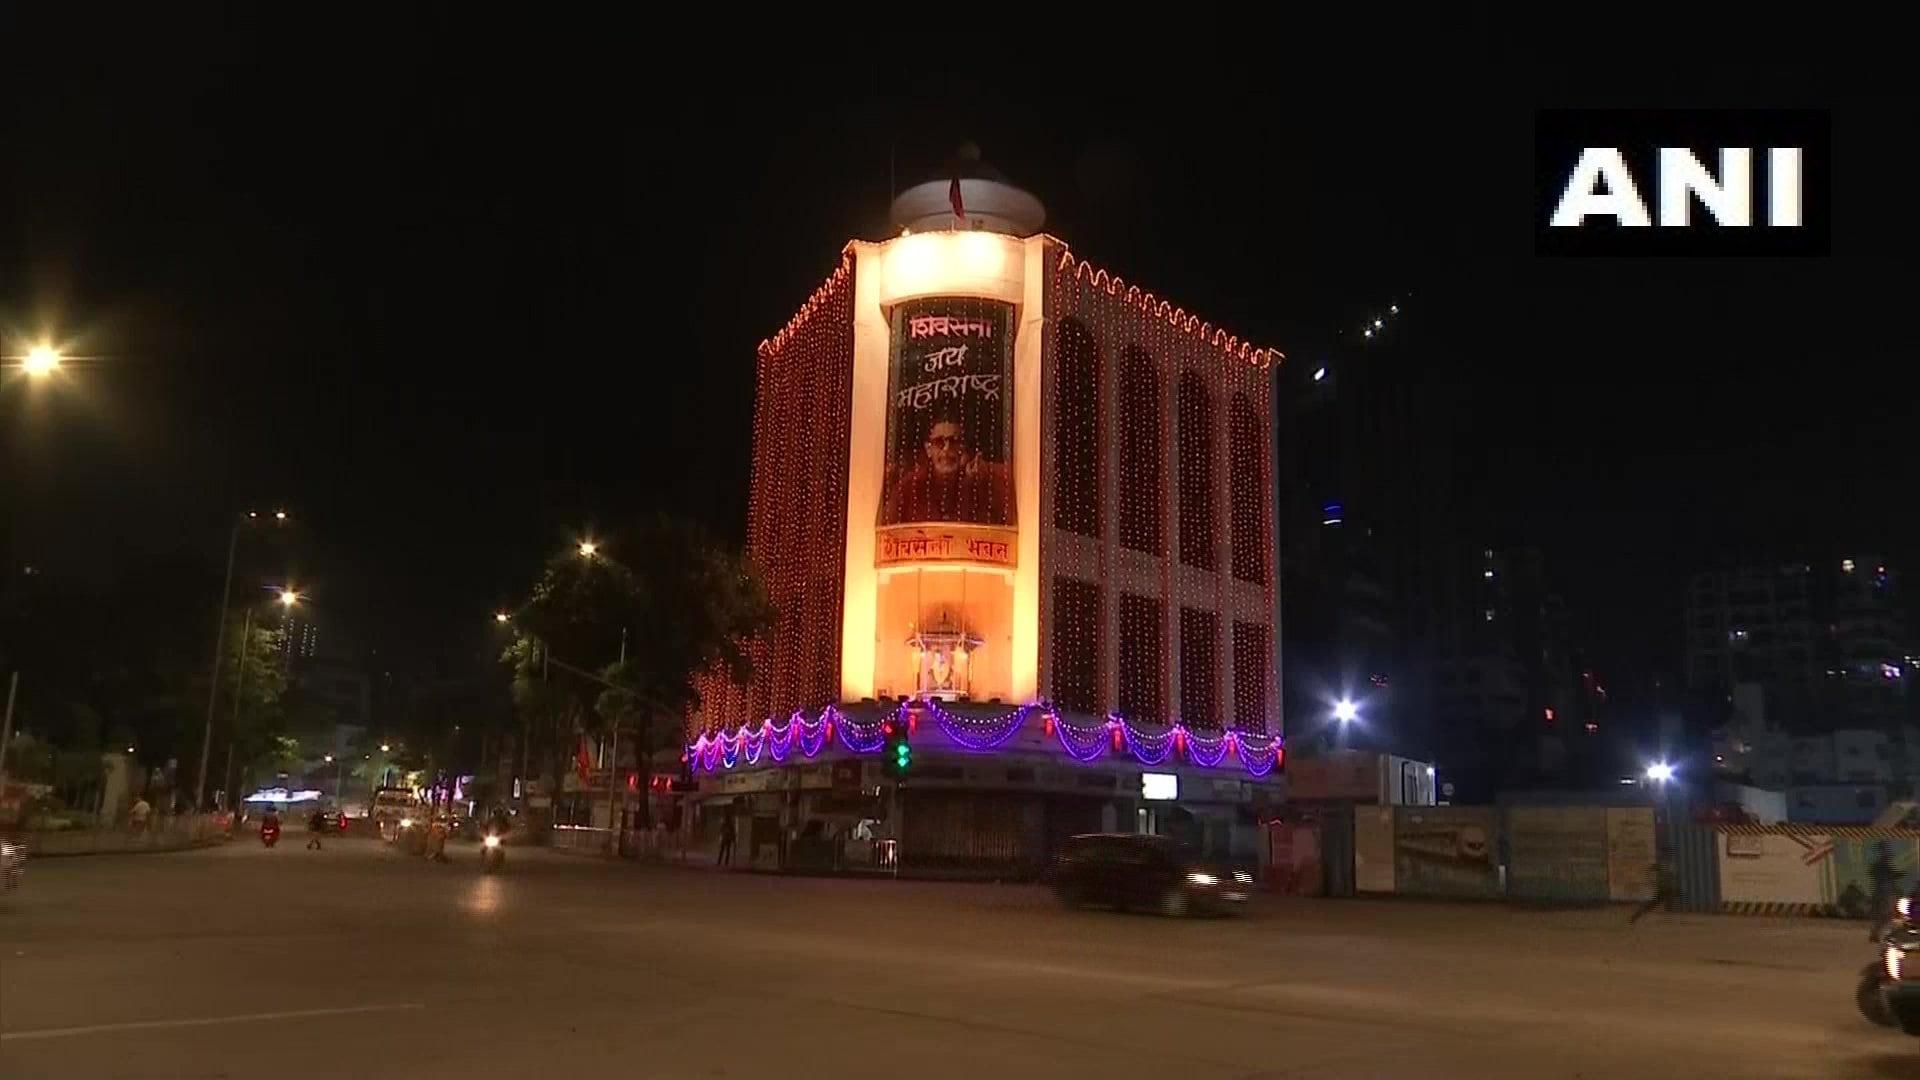 శివసేన ఆఫీస్లో దేశవ్యాప్తంగా దీపావళి వేడుకలు (credit - twitter - ANI)